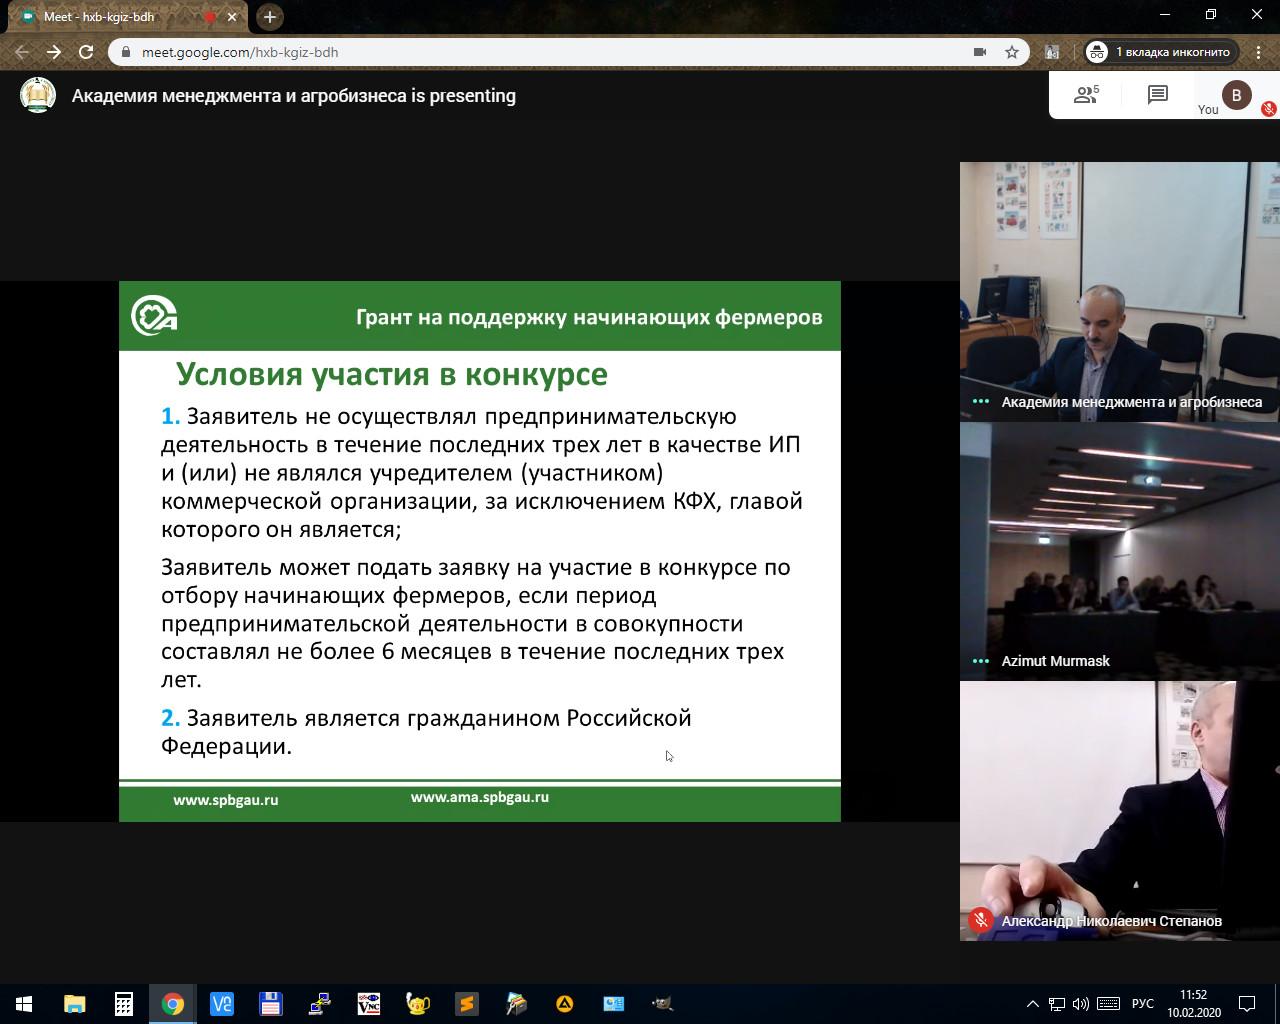 Этапы организации КФХ и меры государственной поддержки